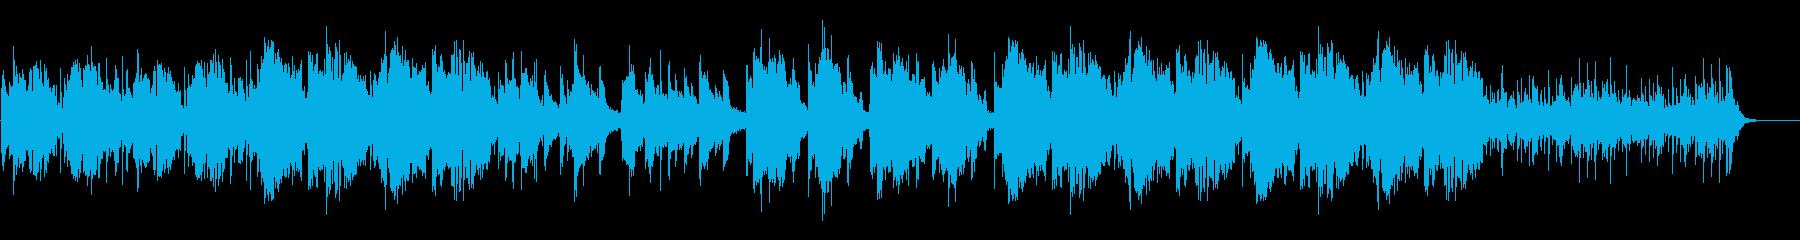 中国の王宮で流れてそうな中国伝統音楽の再生済みの波形